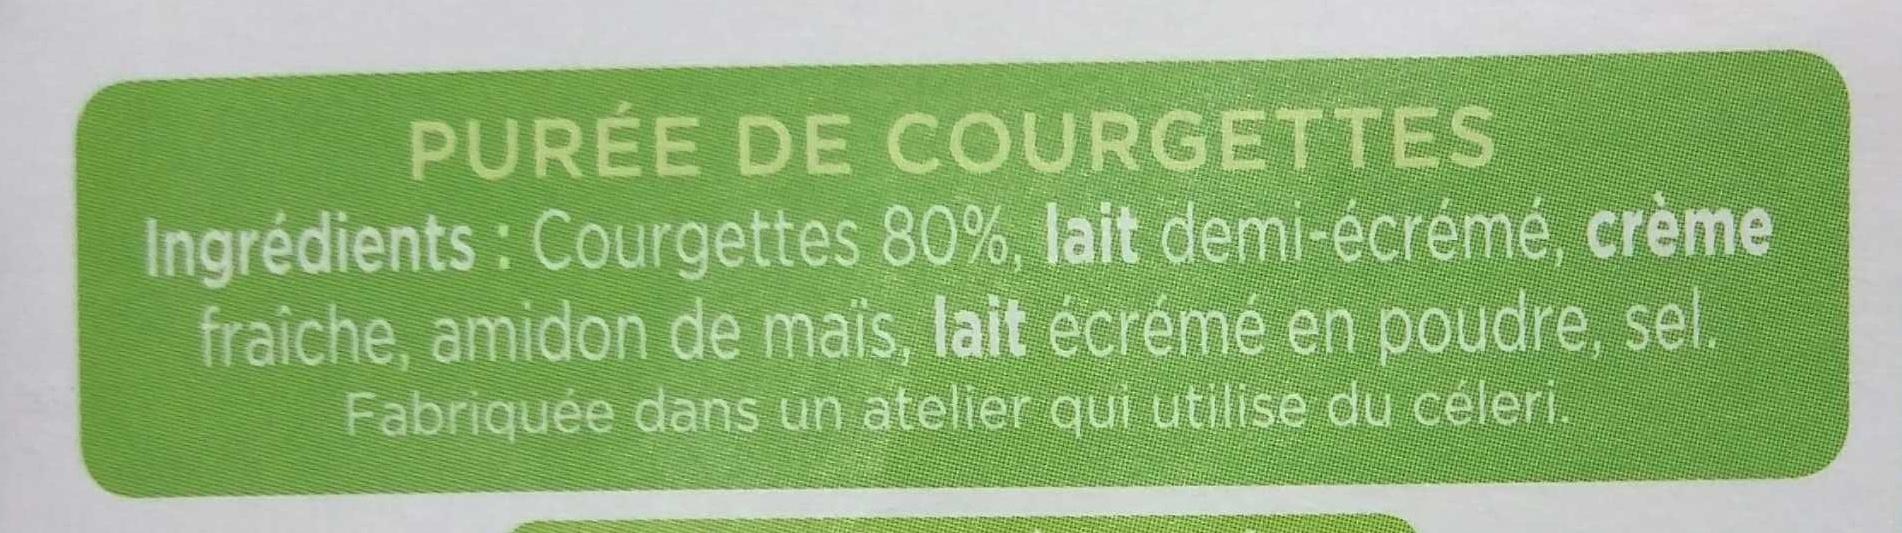 La purée courgettes - Ingrédients - fr